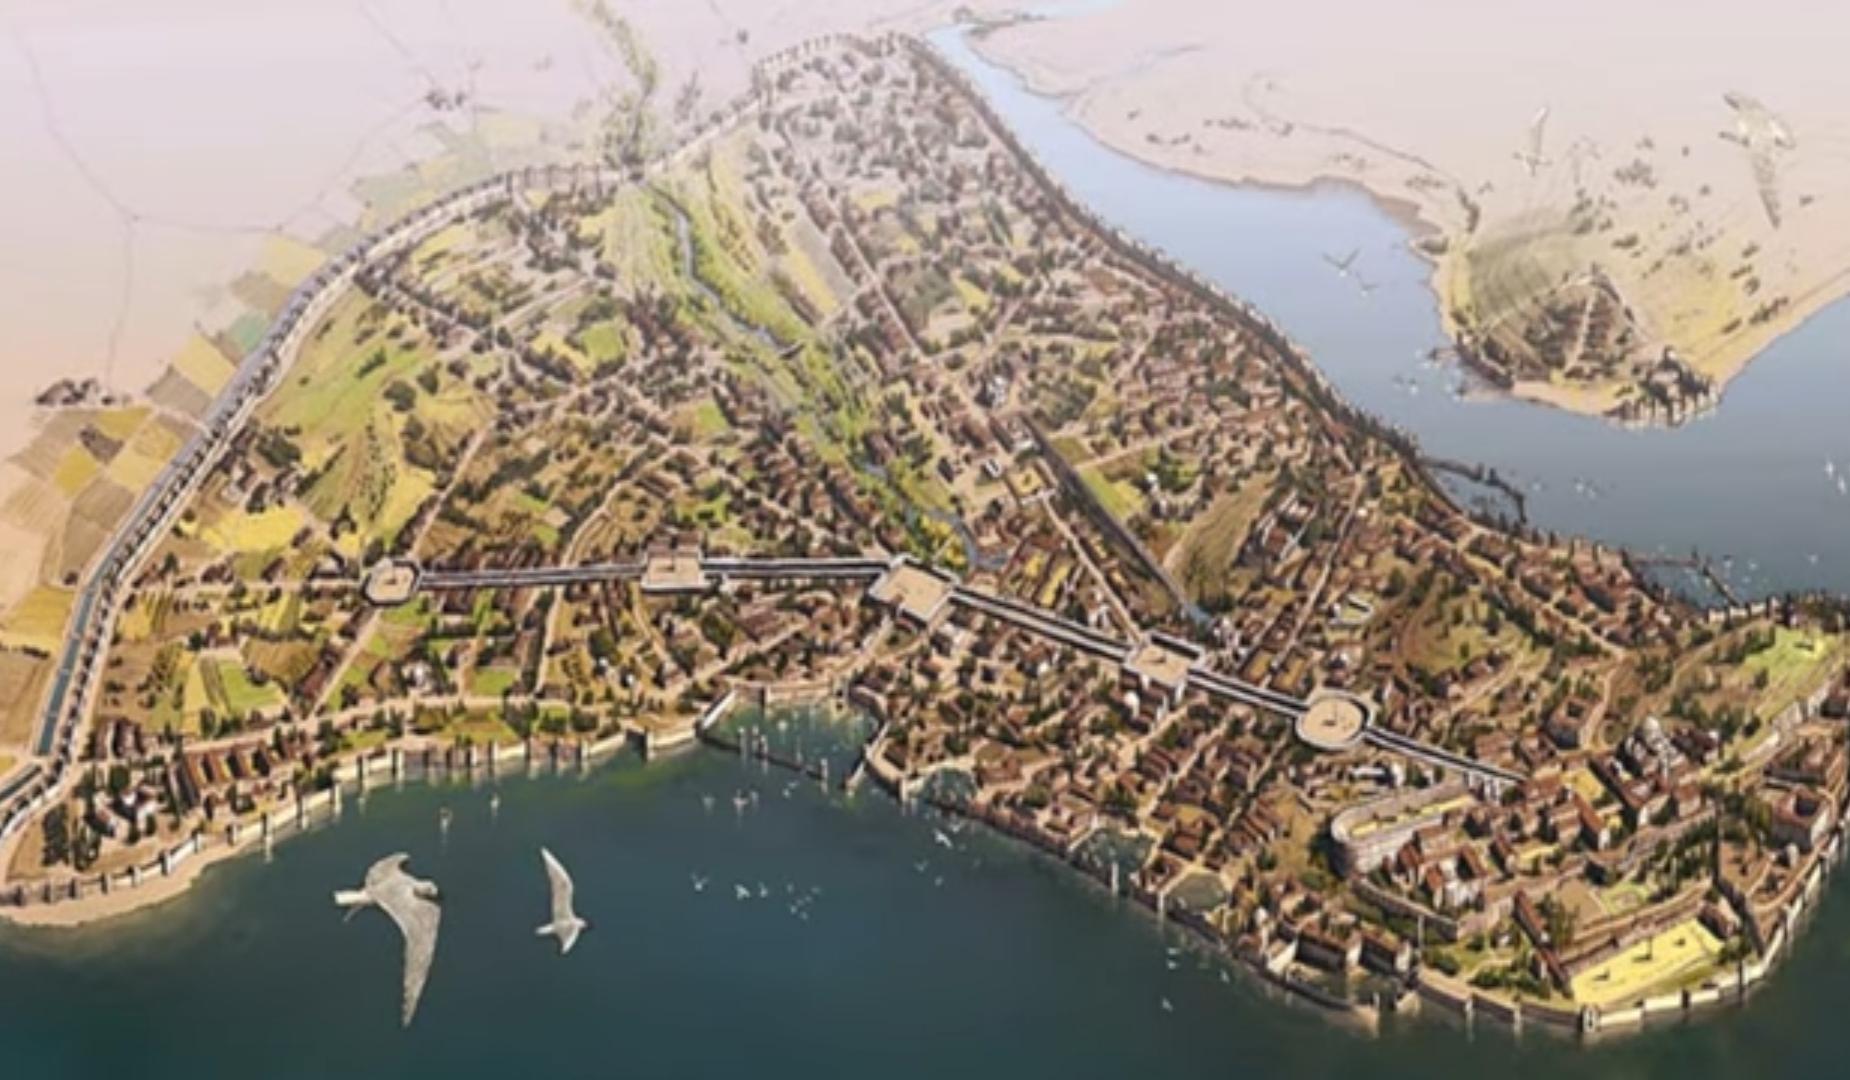 Büyük Konstantin ve Doğu Roma İmparatorluğu